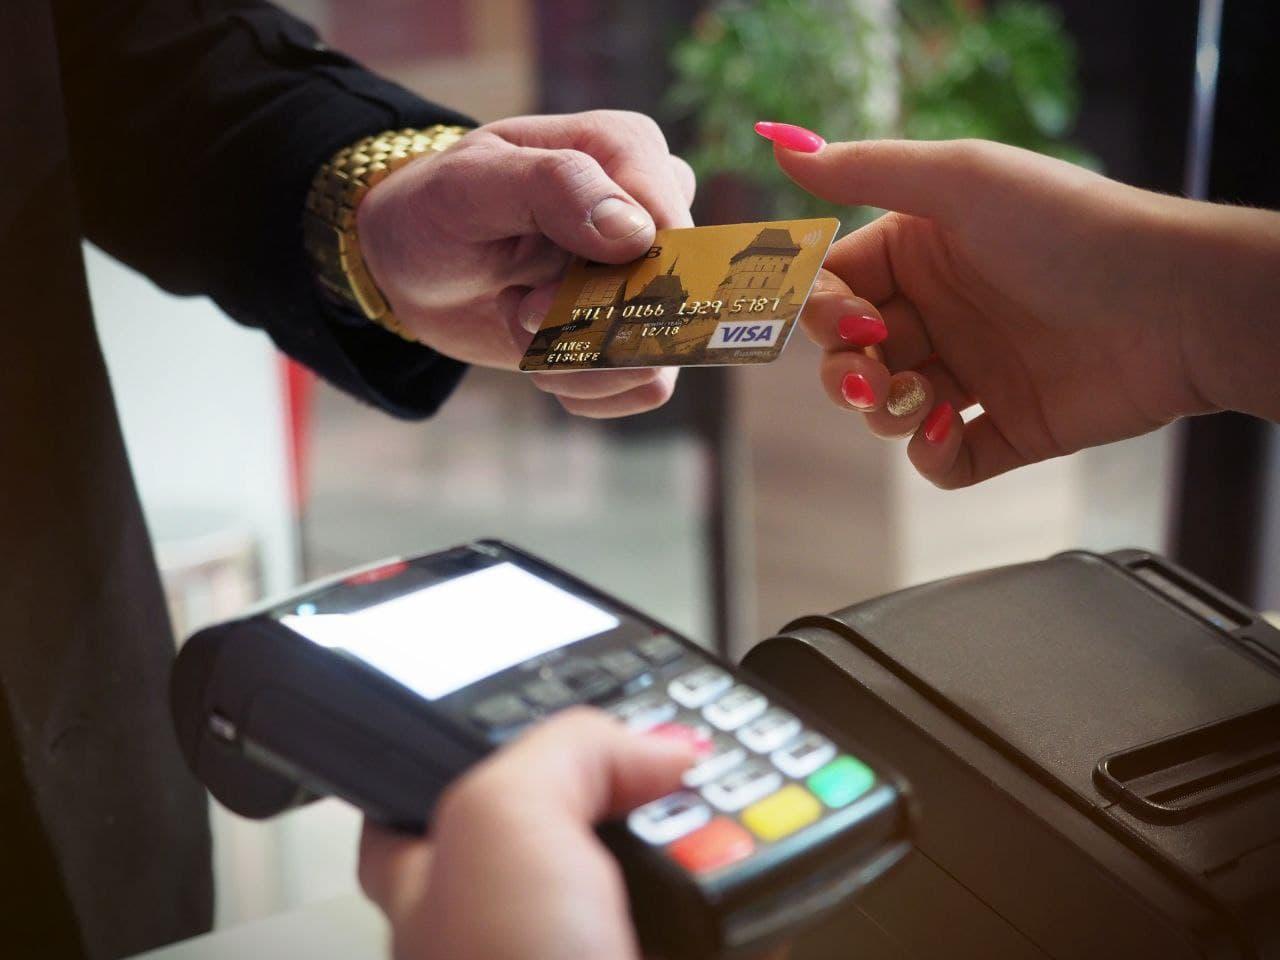 سواستفاده بانکی با کارت بانکی و دستگاه پوز